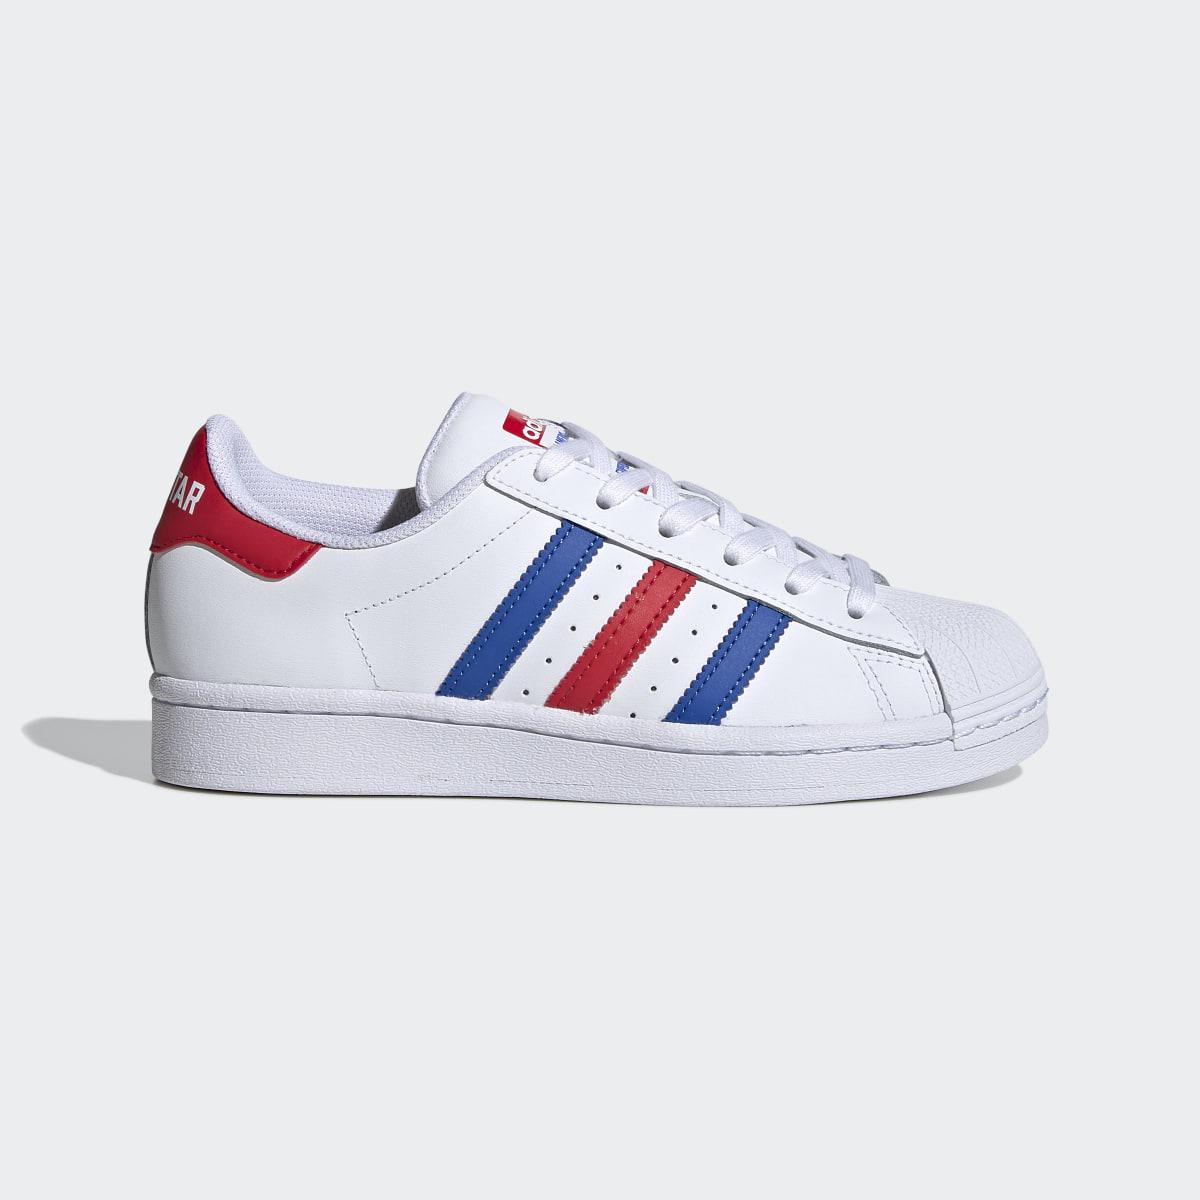 scarpe da tennis adidas sportswear bianche con baffo rosso